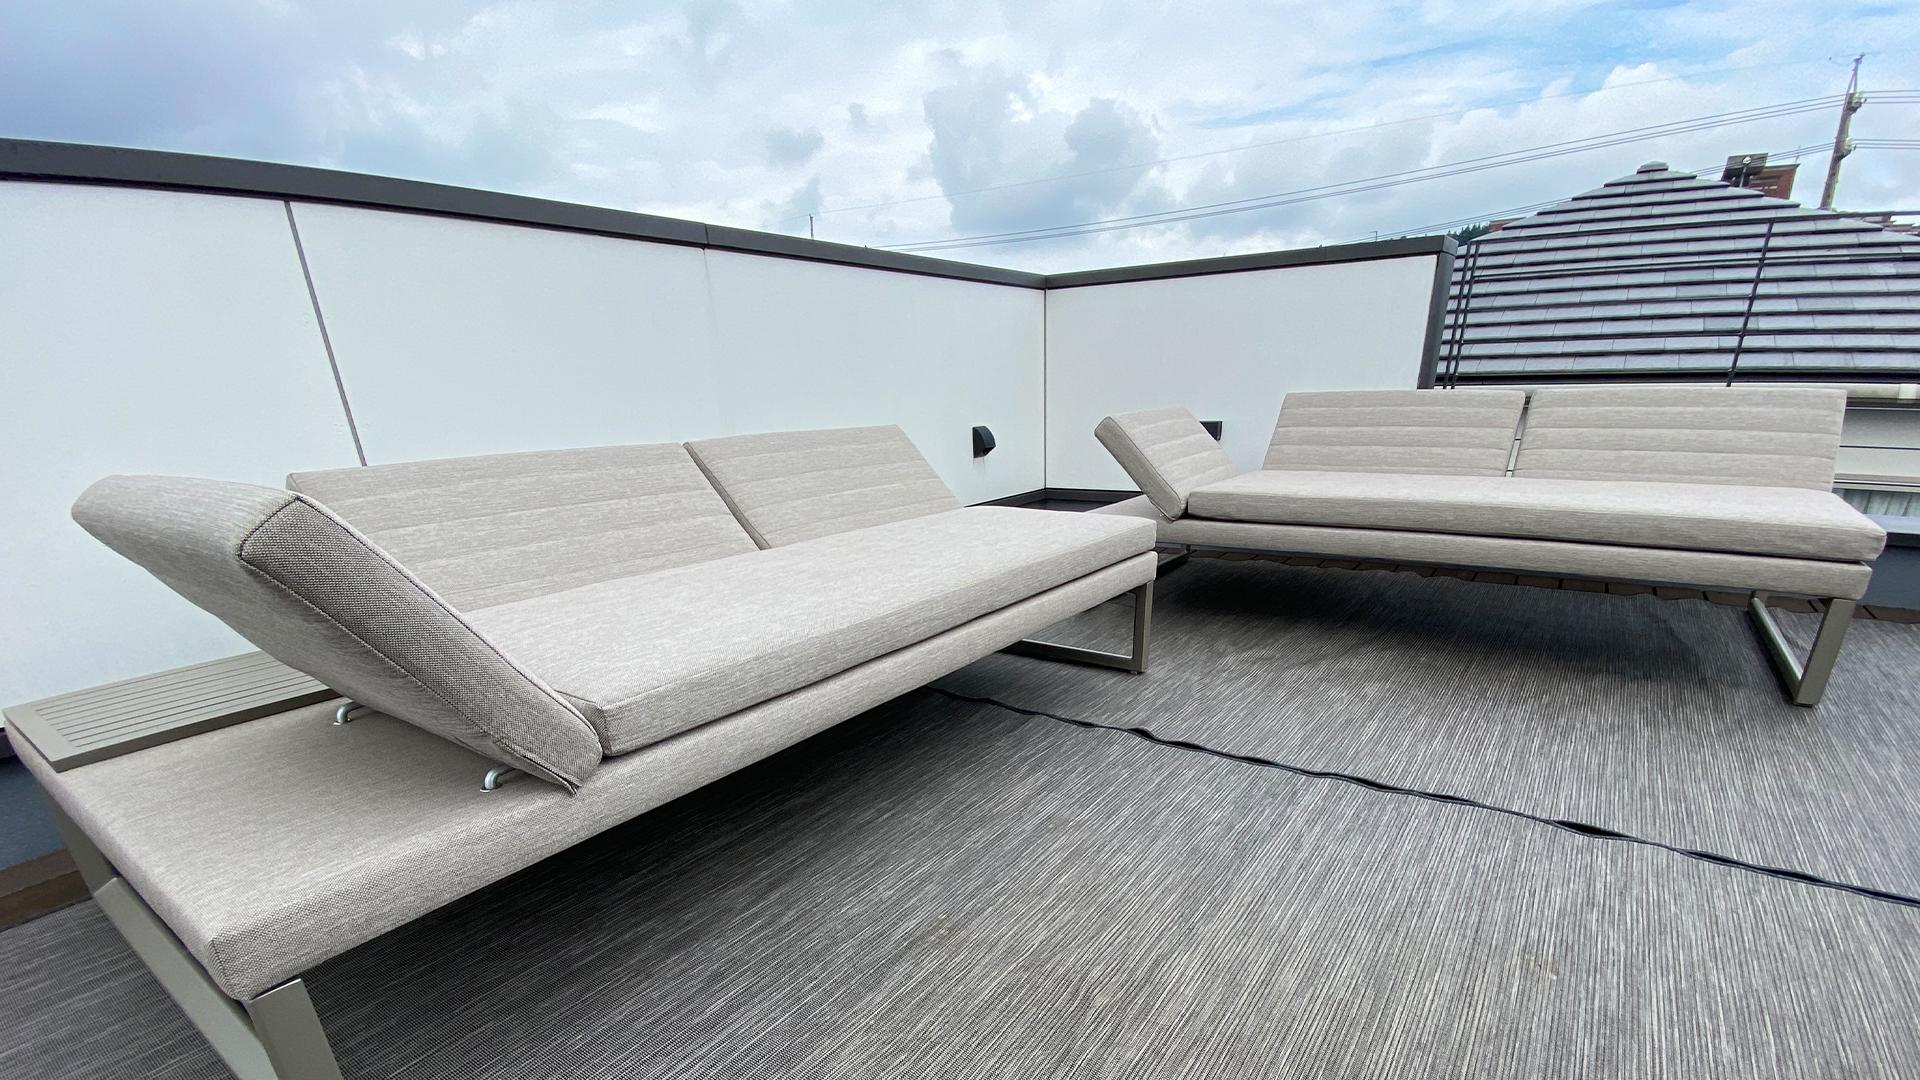 静岡県清水区のお宅。屋外用ソファのお届け。ガーデンソファ。